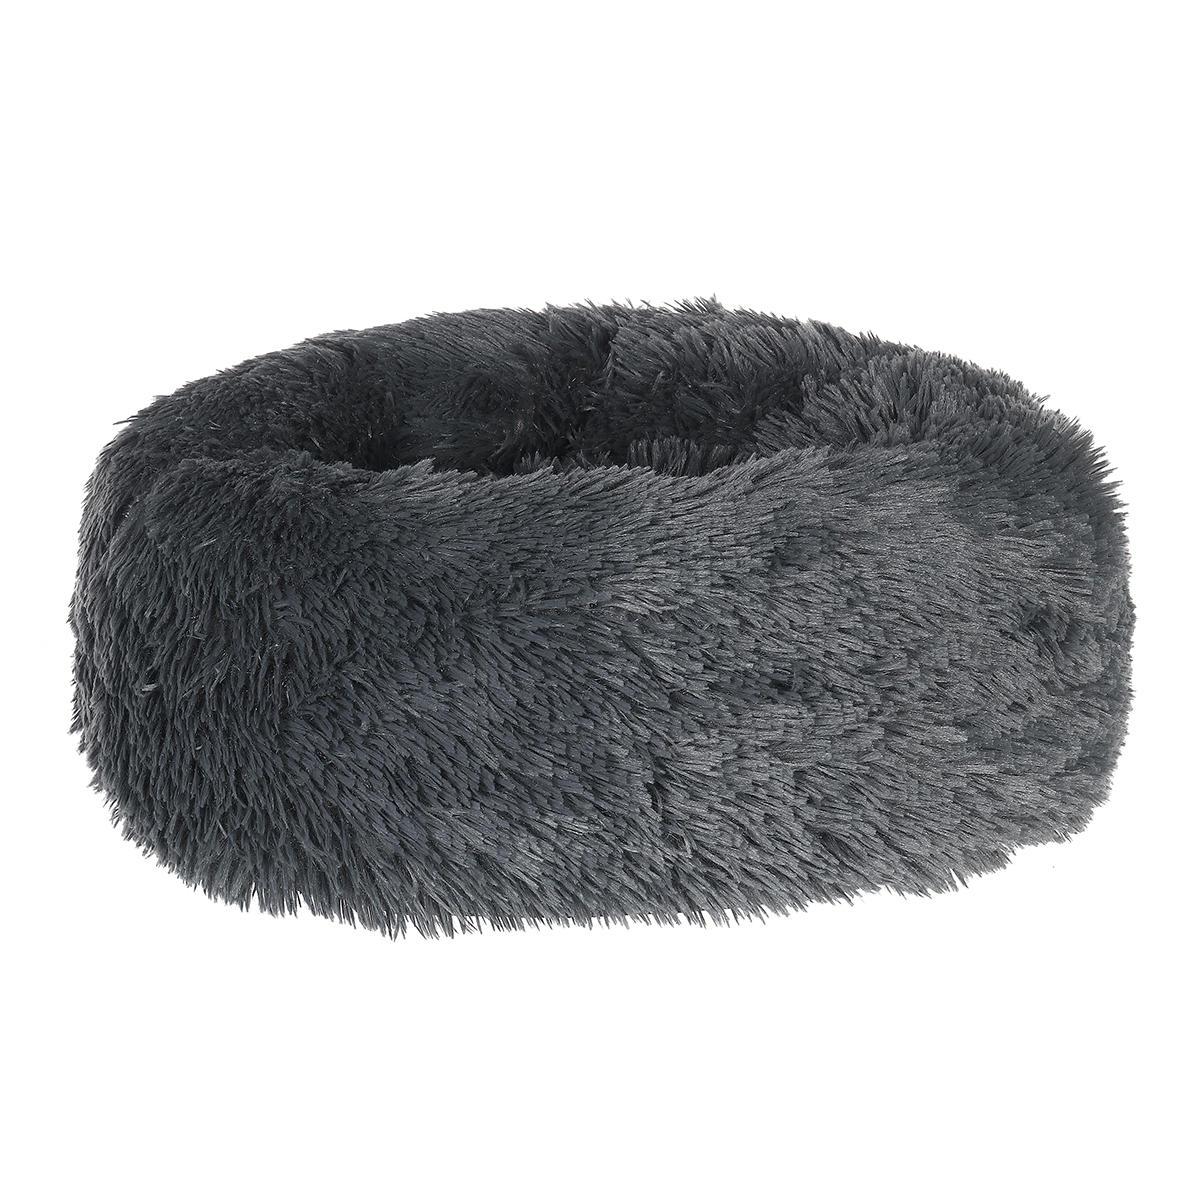 犬ペットベッド猫用ベッドフェイクファーカドラーラウンド快適サイズウルトラSoft犬と猫用の落ち着きのあるベッド自己温暖化屋内スヌーズスリーピングクッションベッド